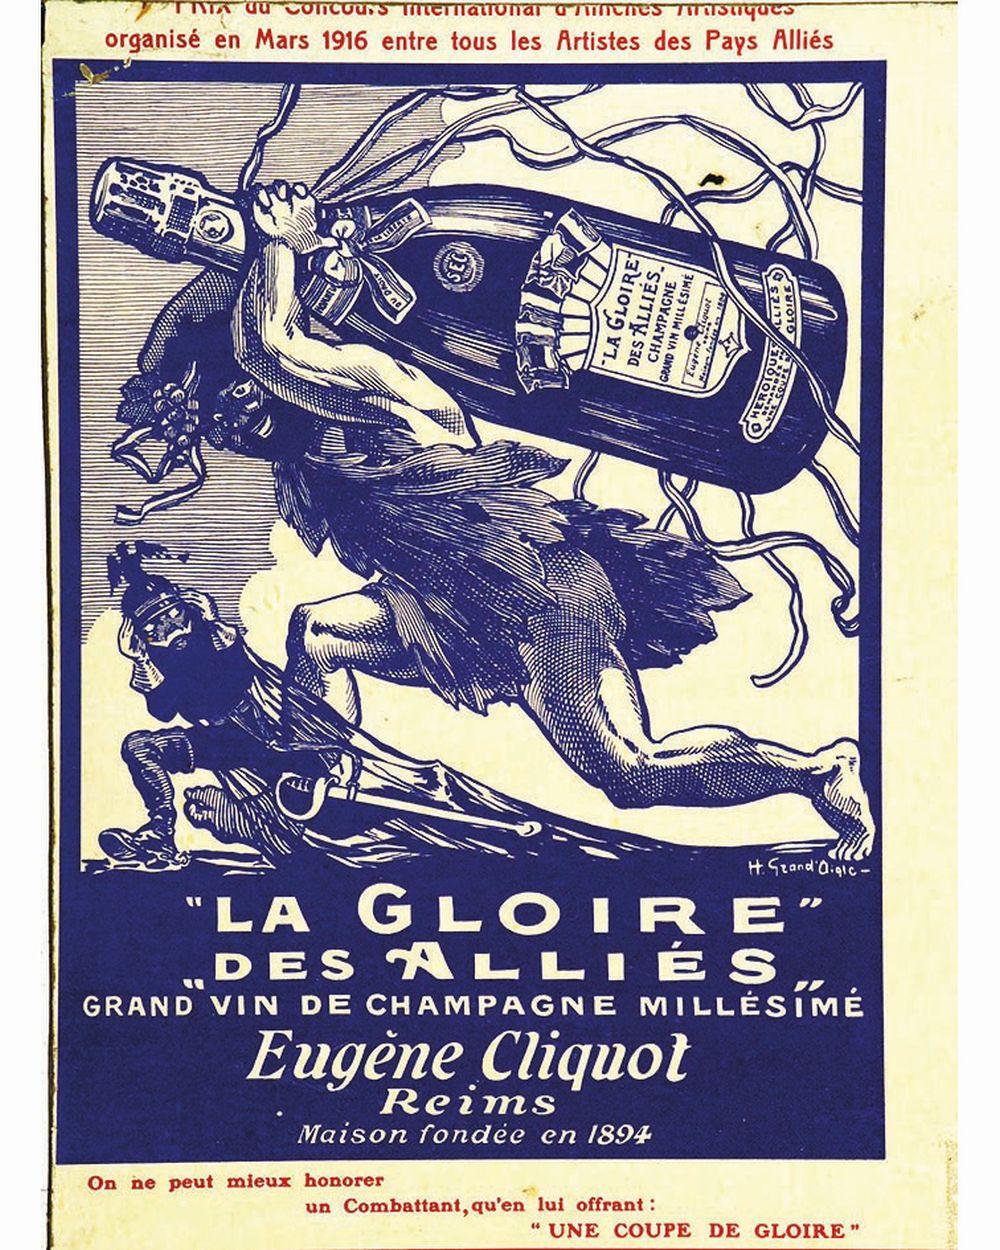 GRAND' AIGLE - Champagne Eugène Cliquot La Gloire des Alliés Grand Vin de Champagne Millésimé Eugène Cliquot     vers 1920  Reims (Marne)